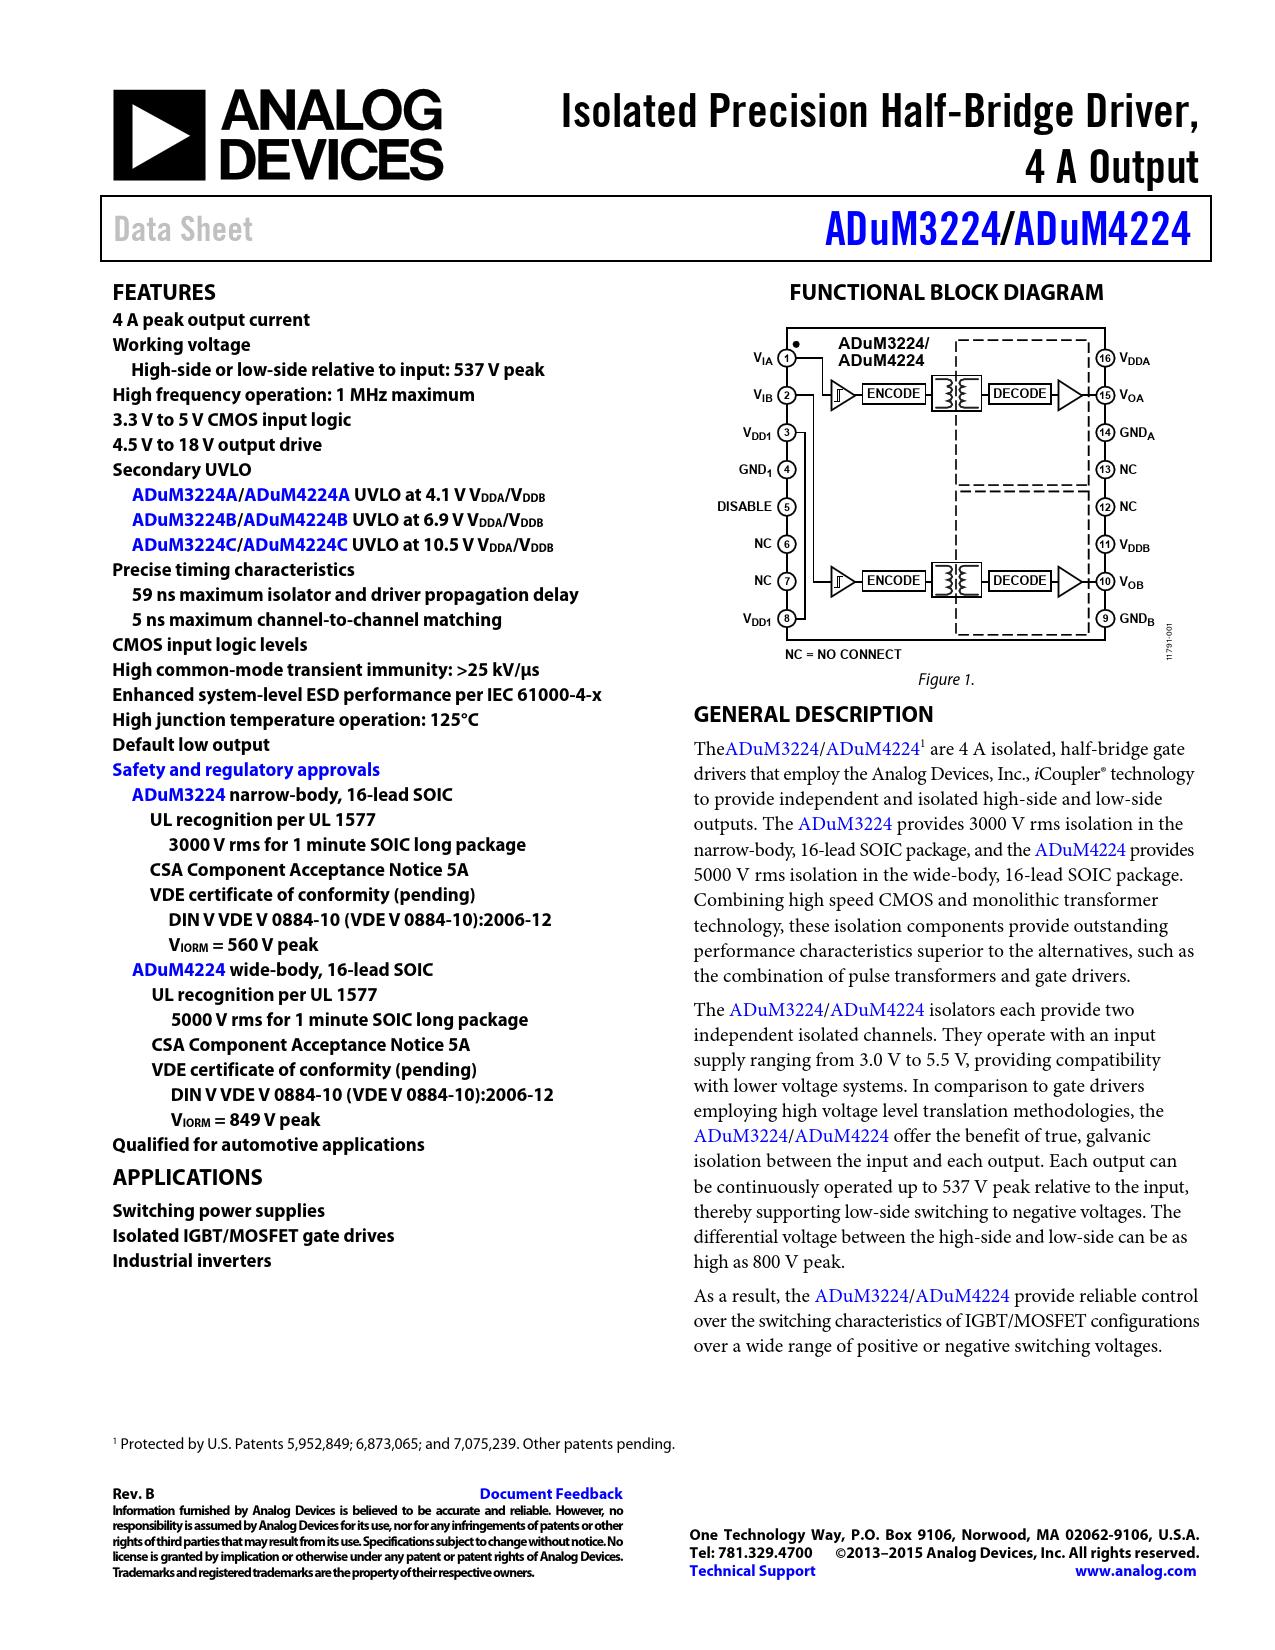 Datasheet ADuM3224/ADuM4224 Analog Devices, Revision: B